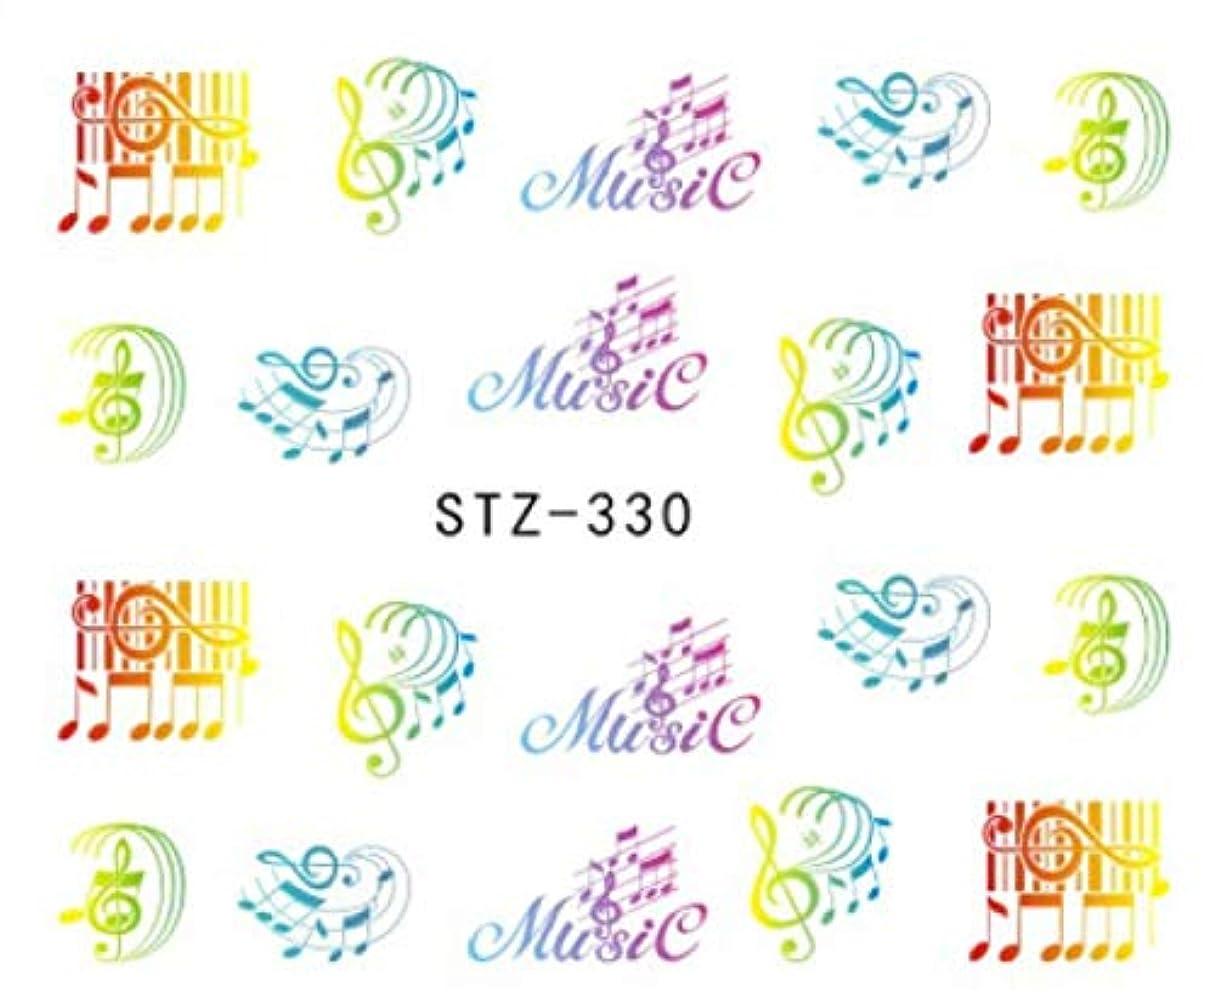 パンダれんが解釈SUKTI&XIAO ネイルステッカー 1枚ホットネイルデザインブラックミュージックノート印刷爪先女性ネイルアートステッカーデカールタトゥーツール、Stz330